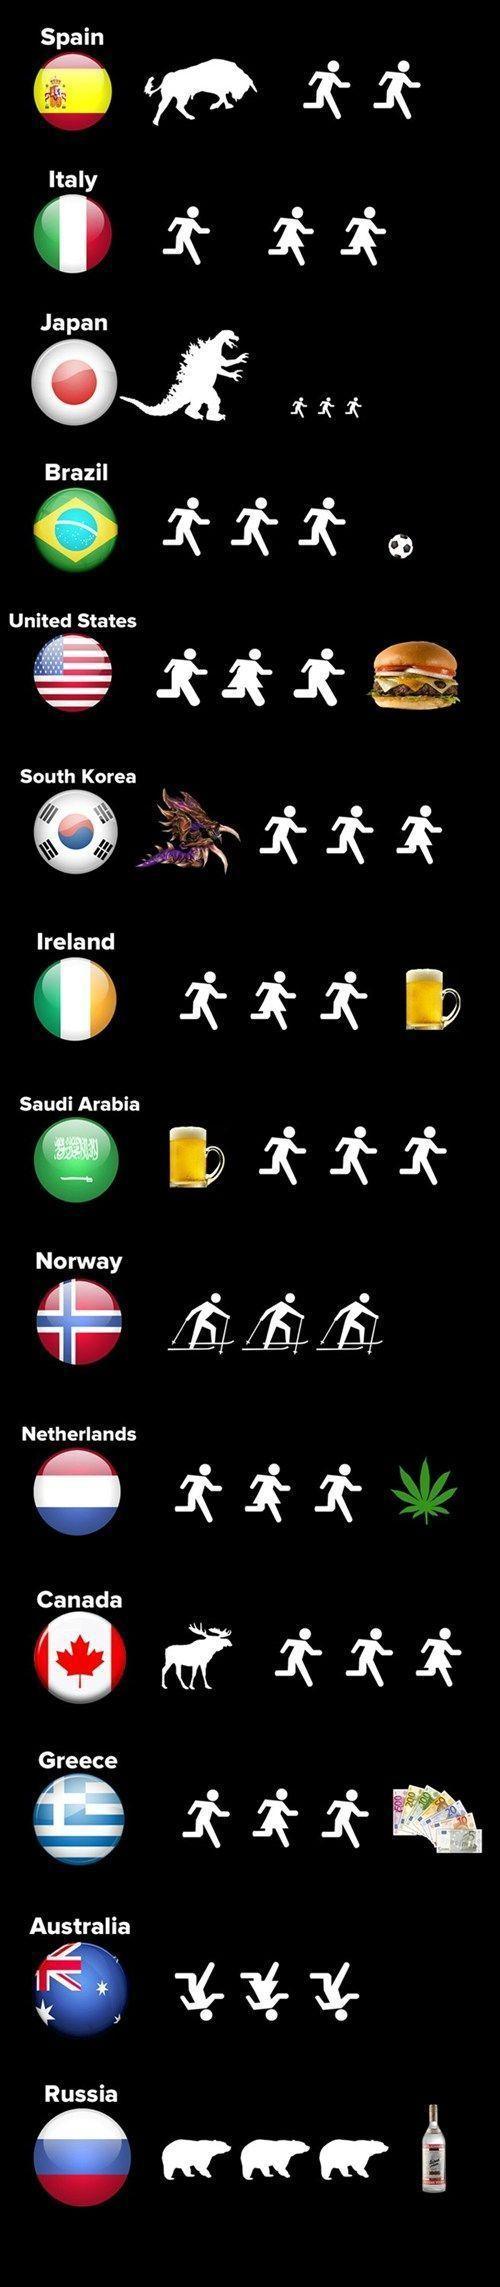 Países explicados em pictogramas. Destaque para #netherlands AHAHAHAHAHAHAH